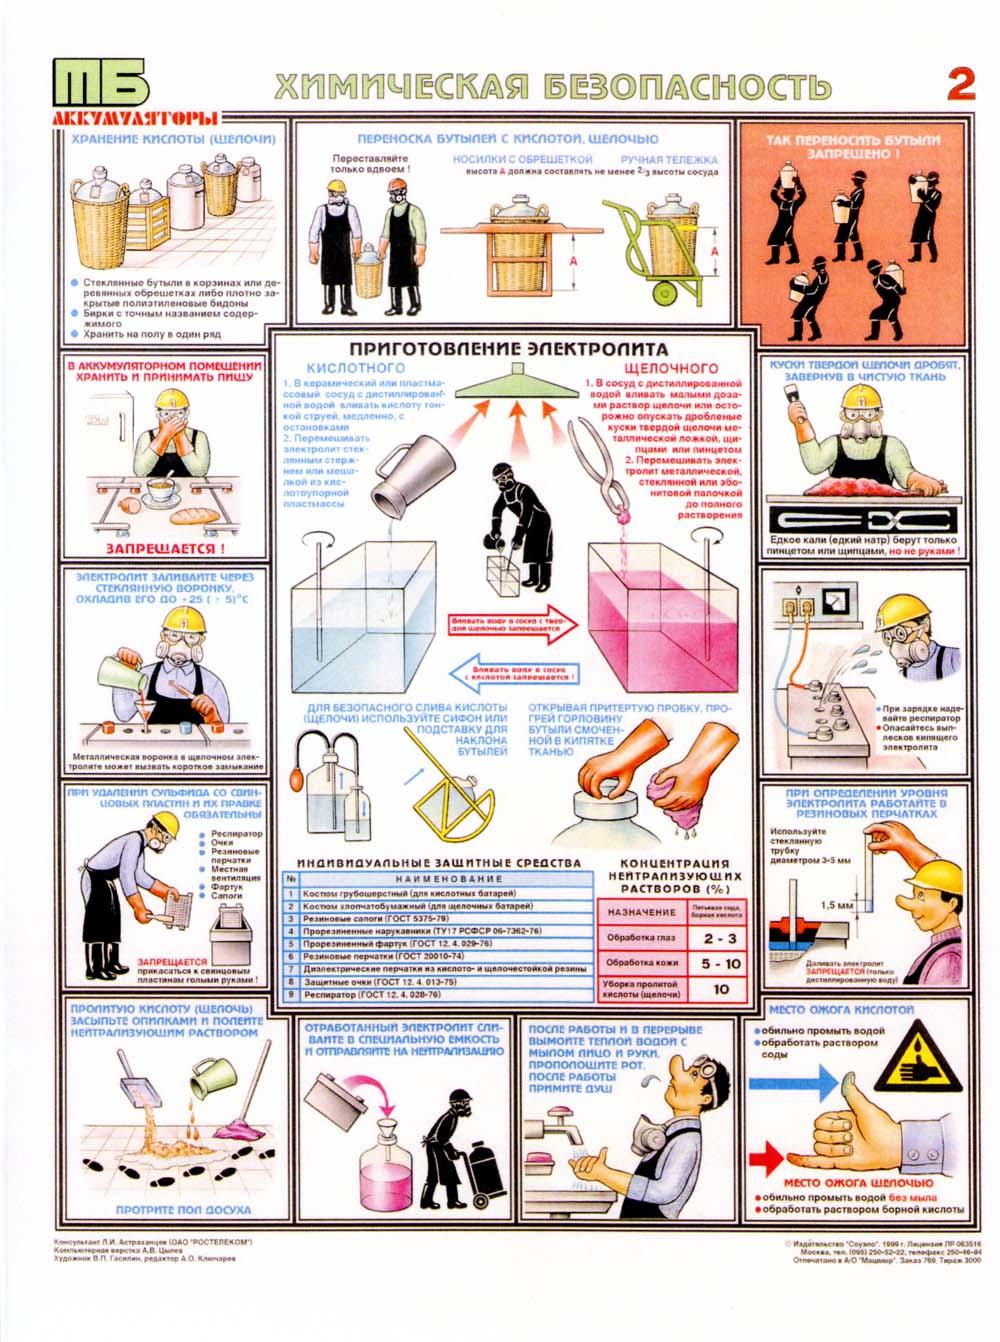 меры безопасности при обращении с прекурсорами день прекрасный феврале